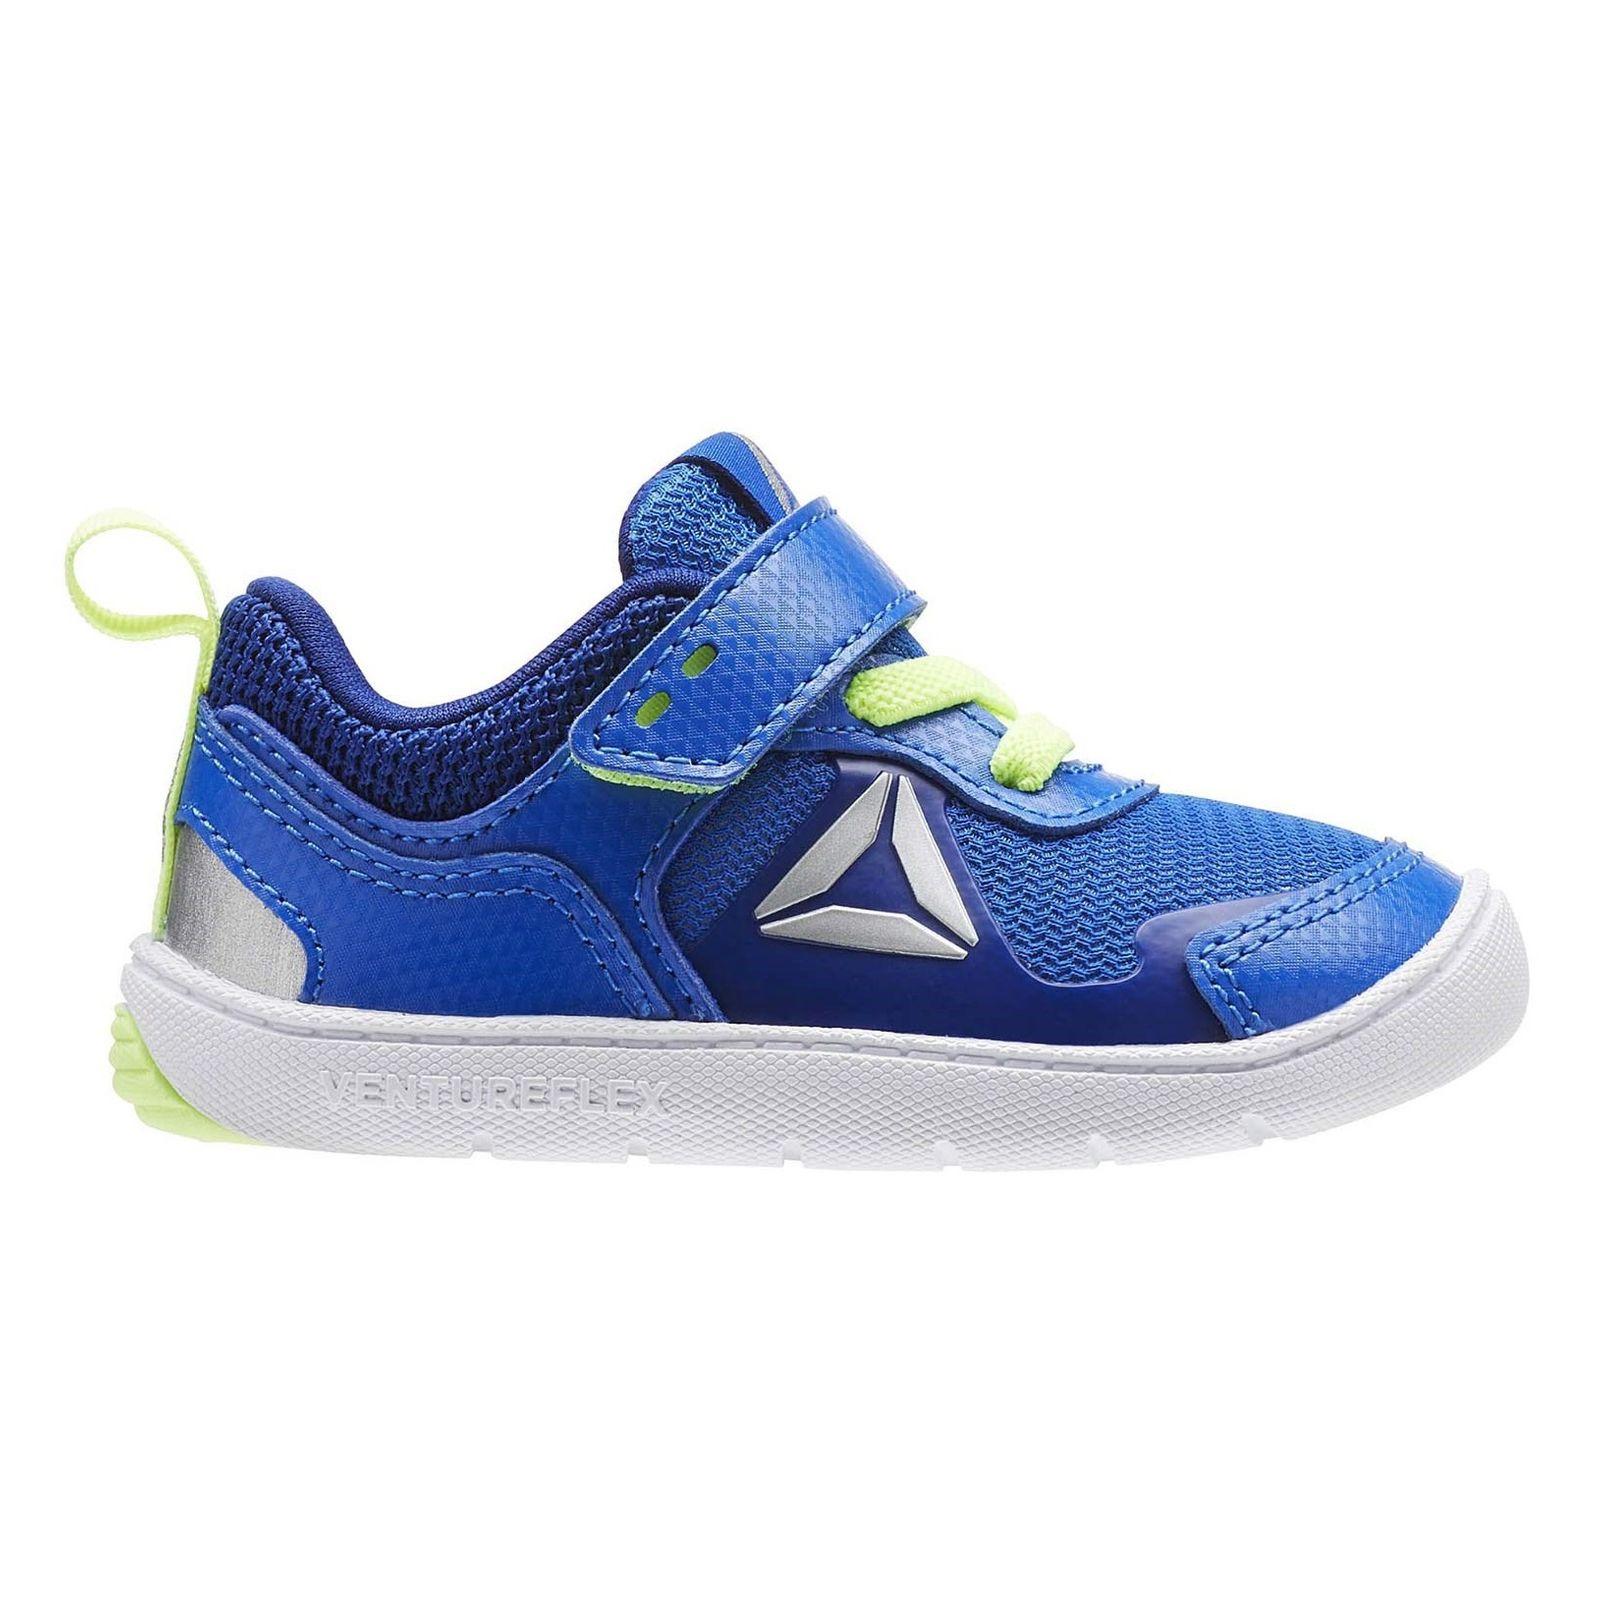 کفش دویدن چسبی نوزادی Ventureflex Stride 5-0 - ریباک - آبي - 1